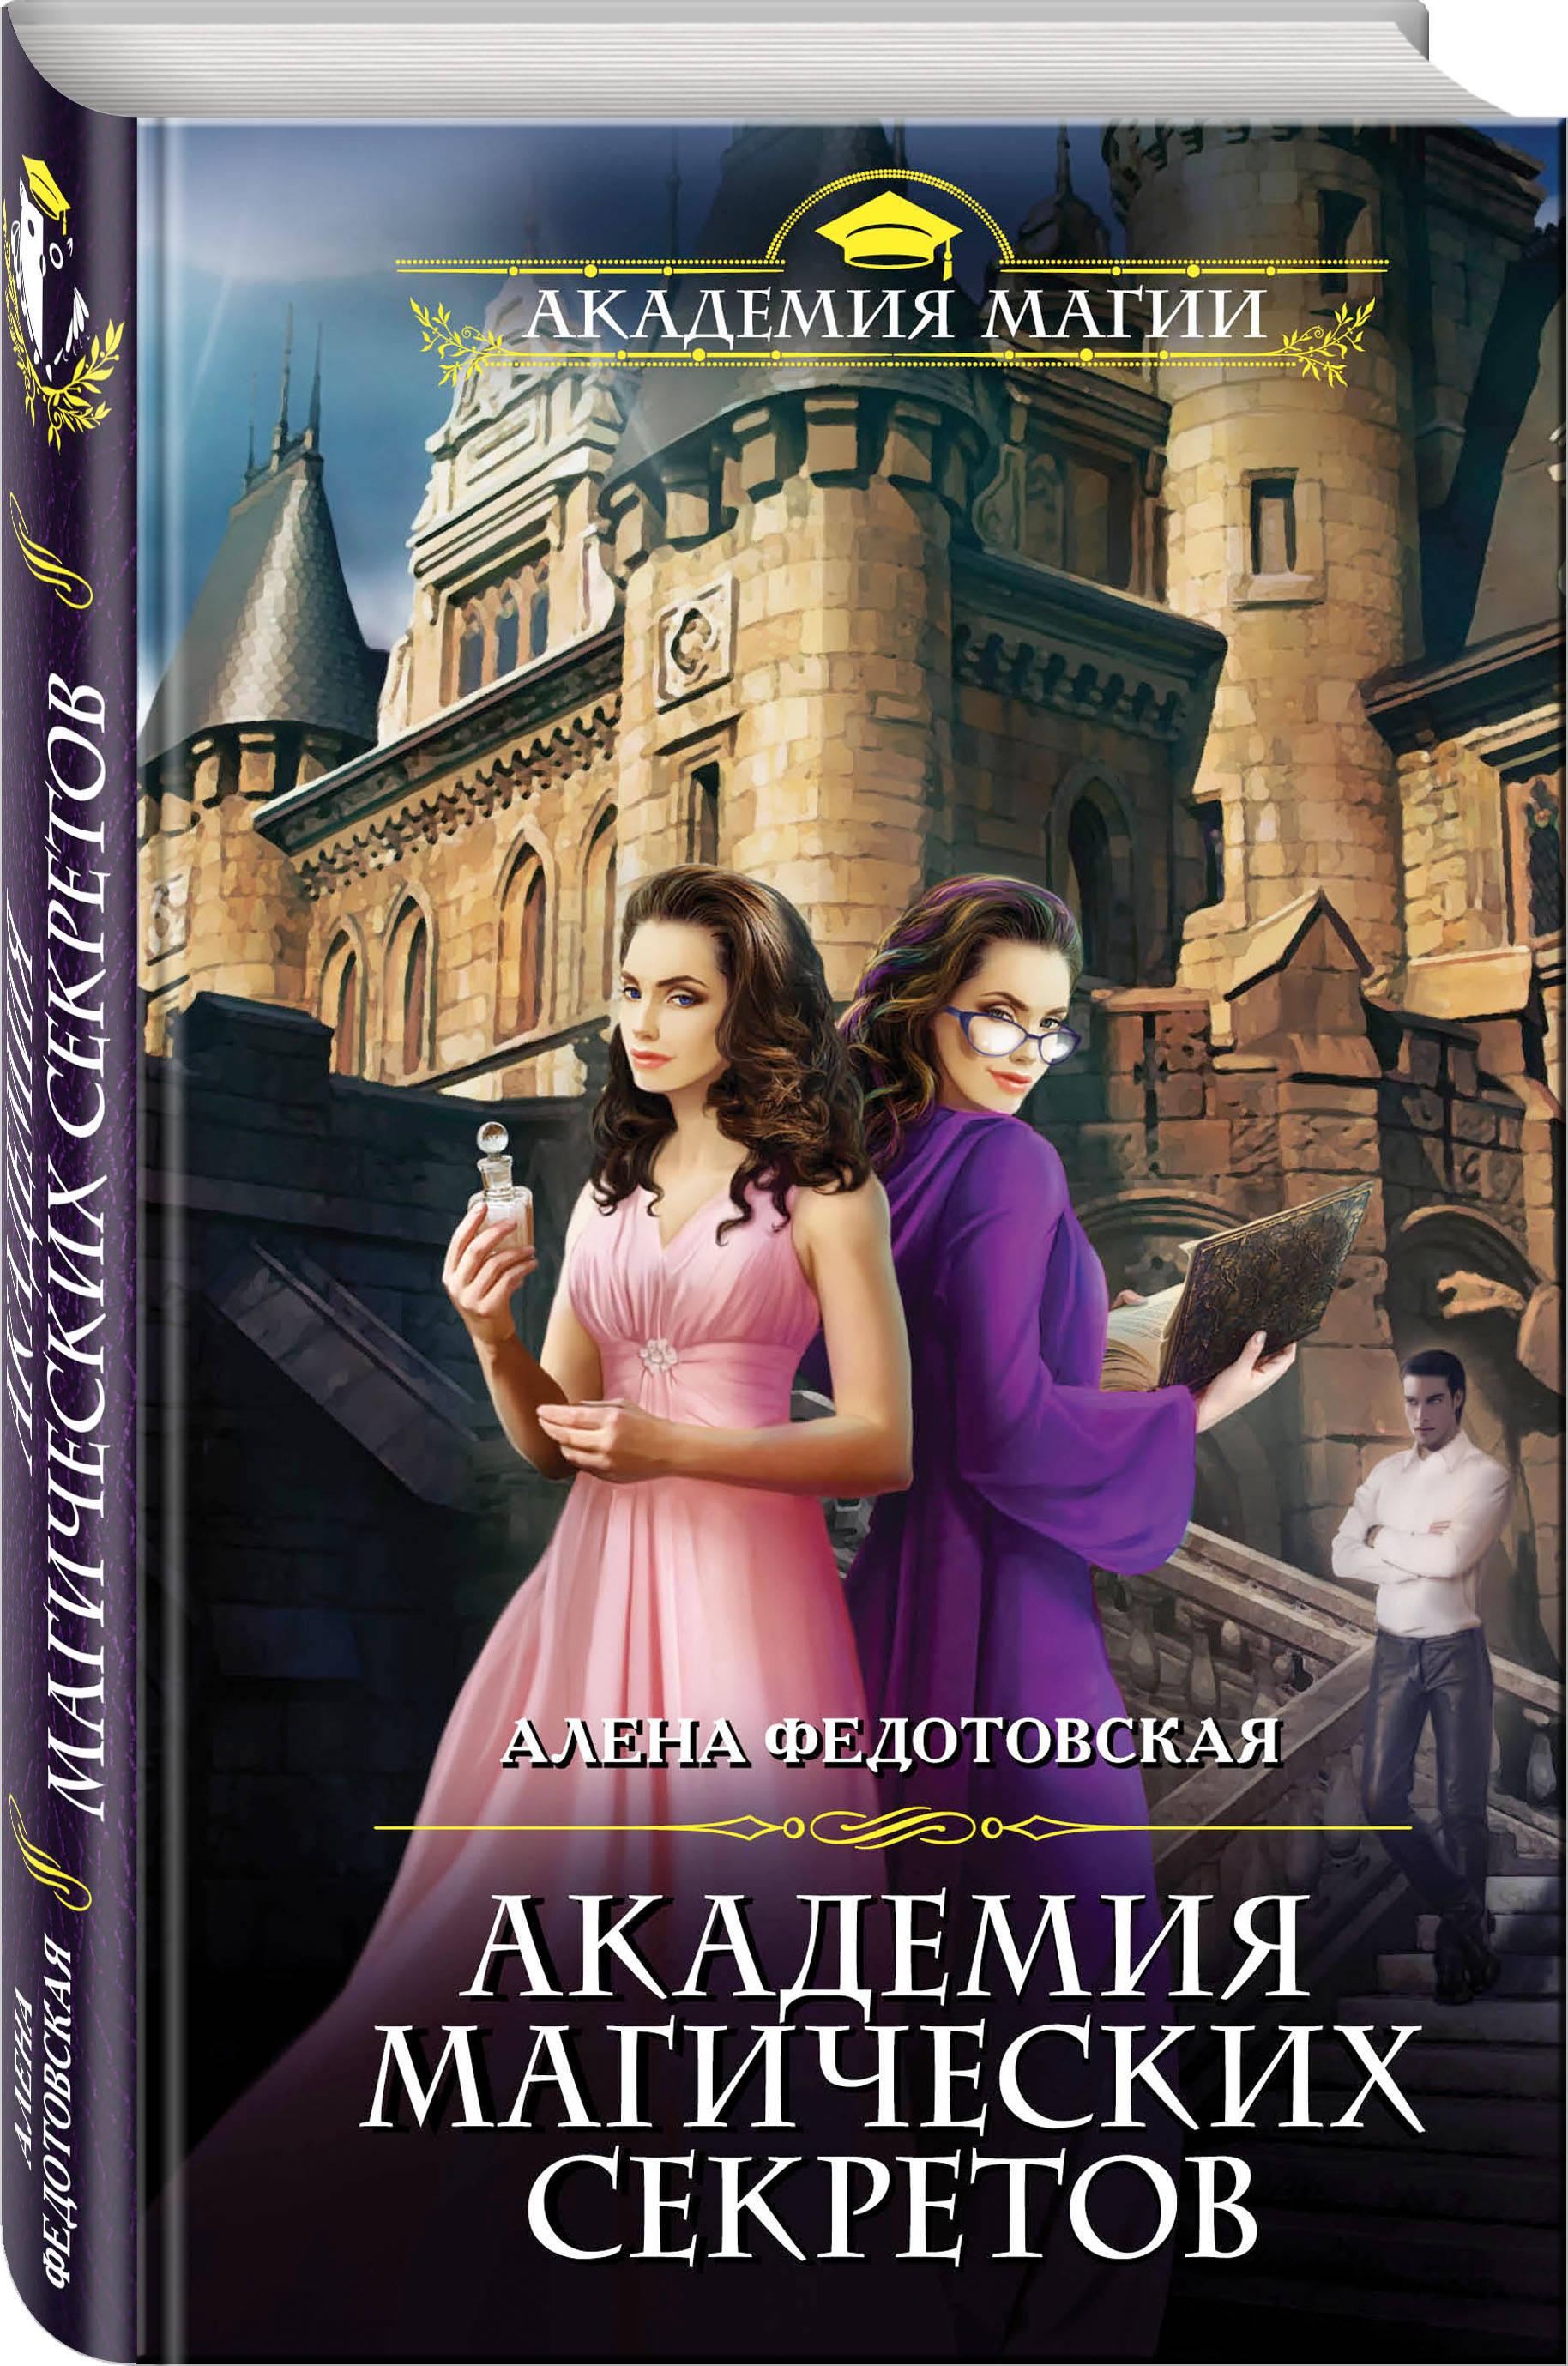 Академия магических секретов ( Федотовская А.  )